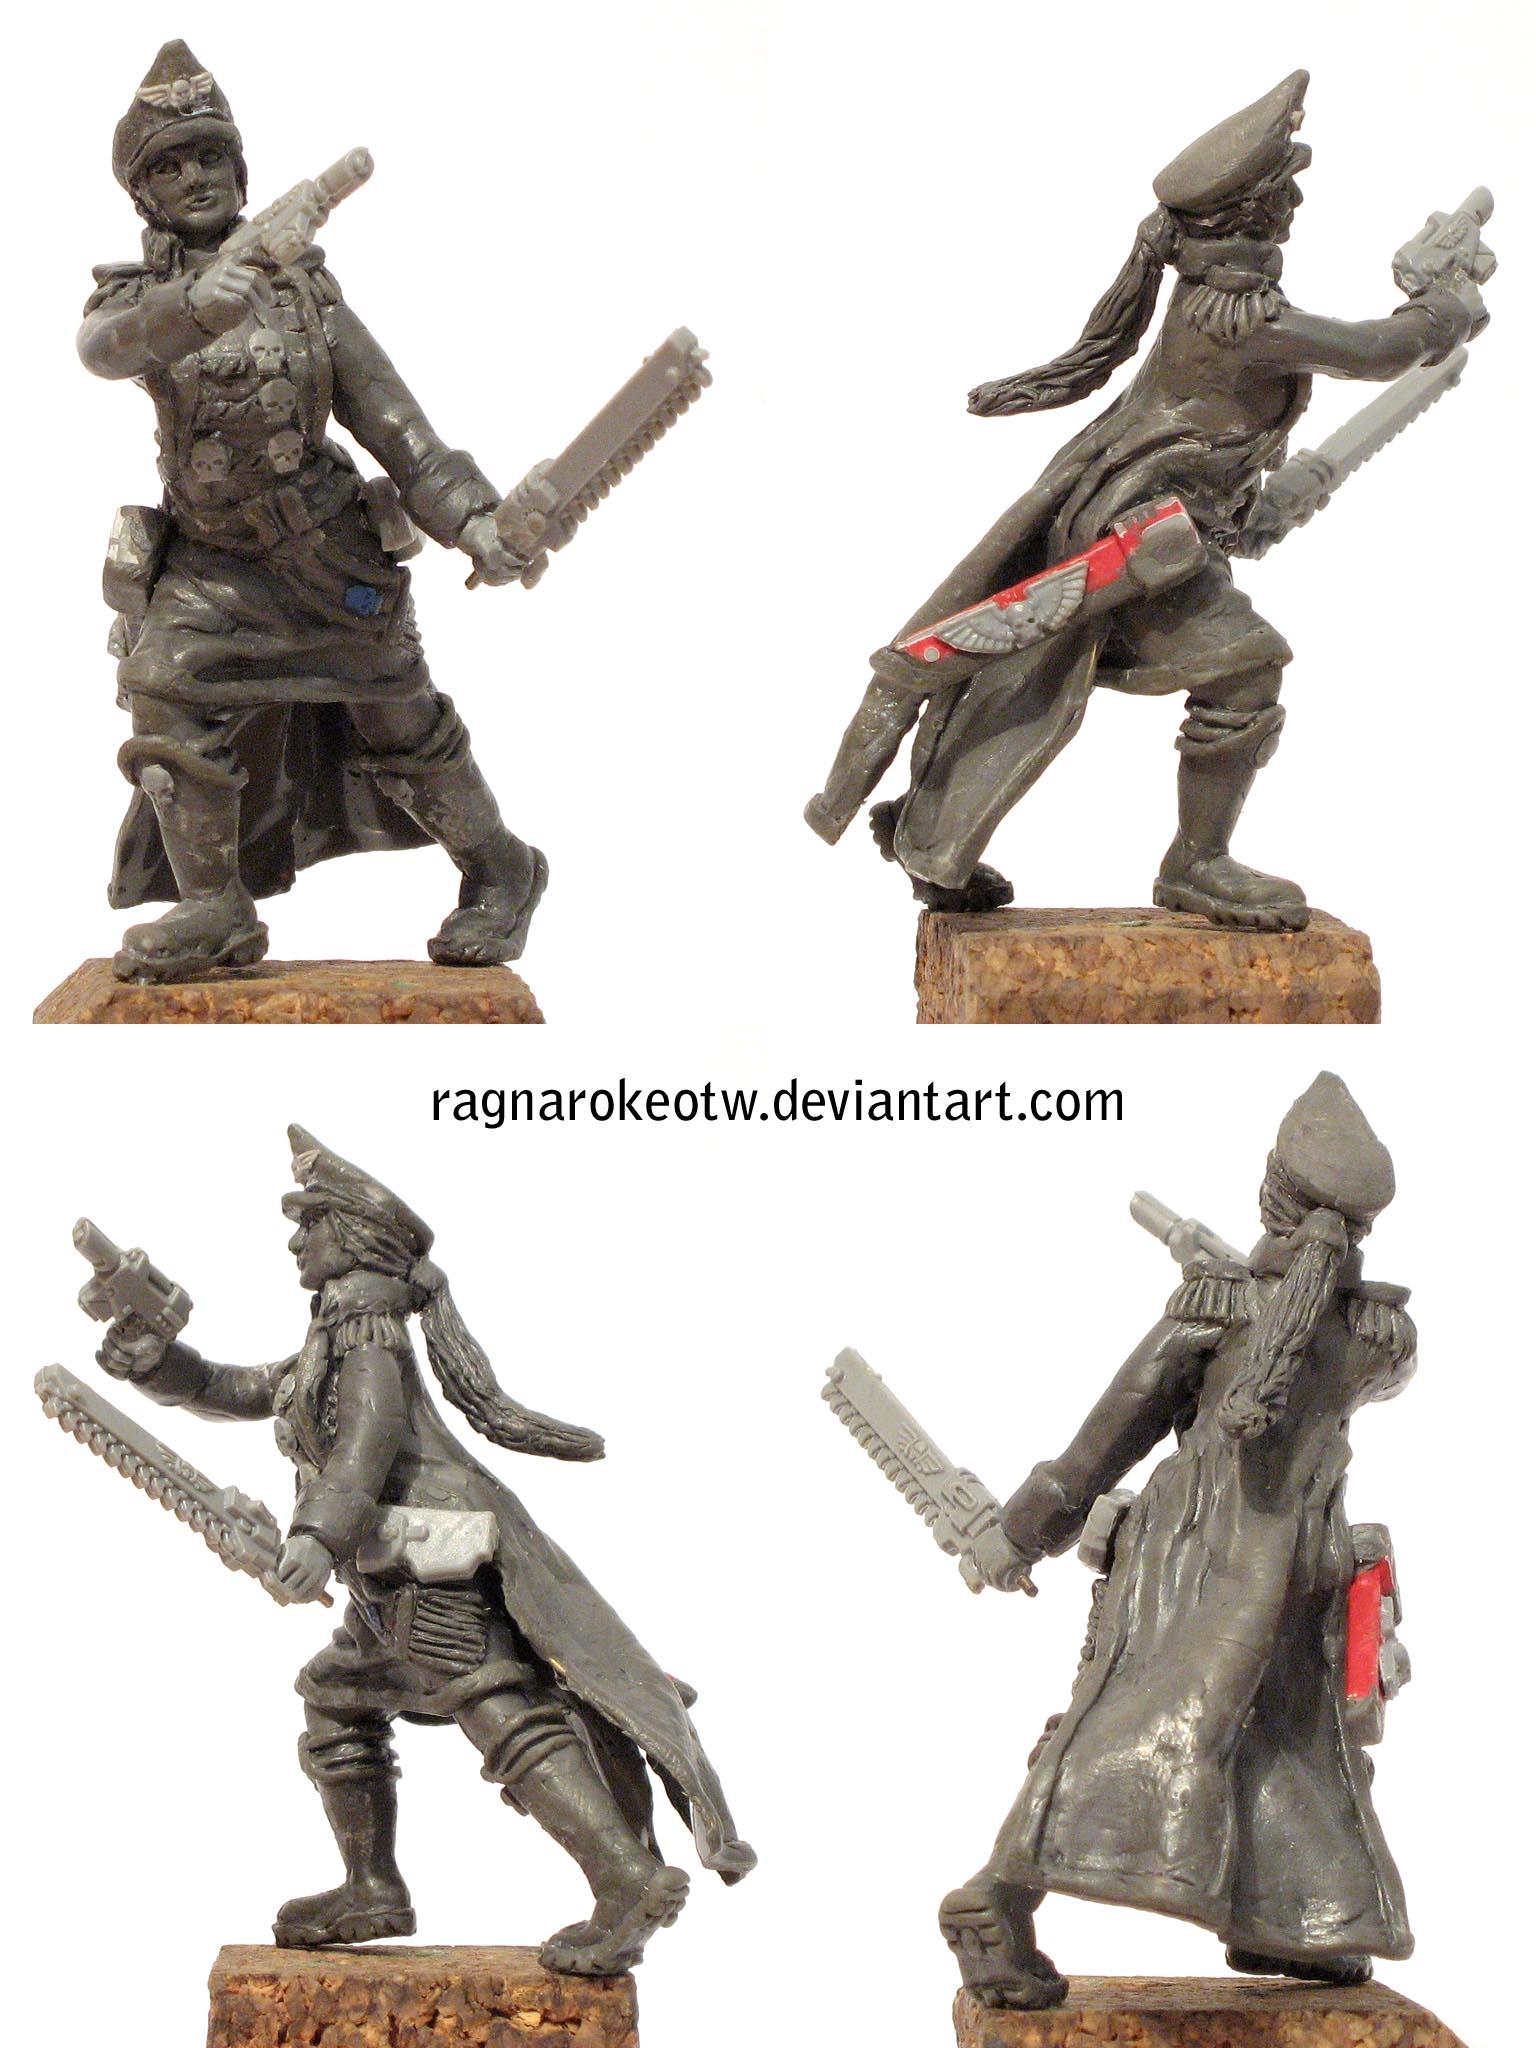 Commissar sculpt